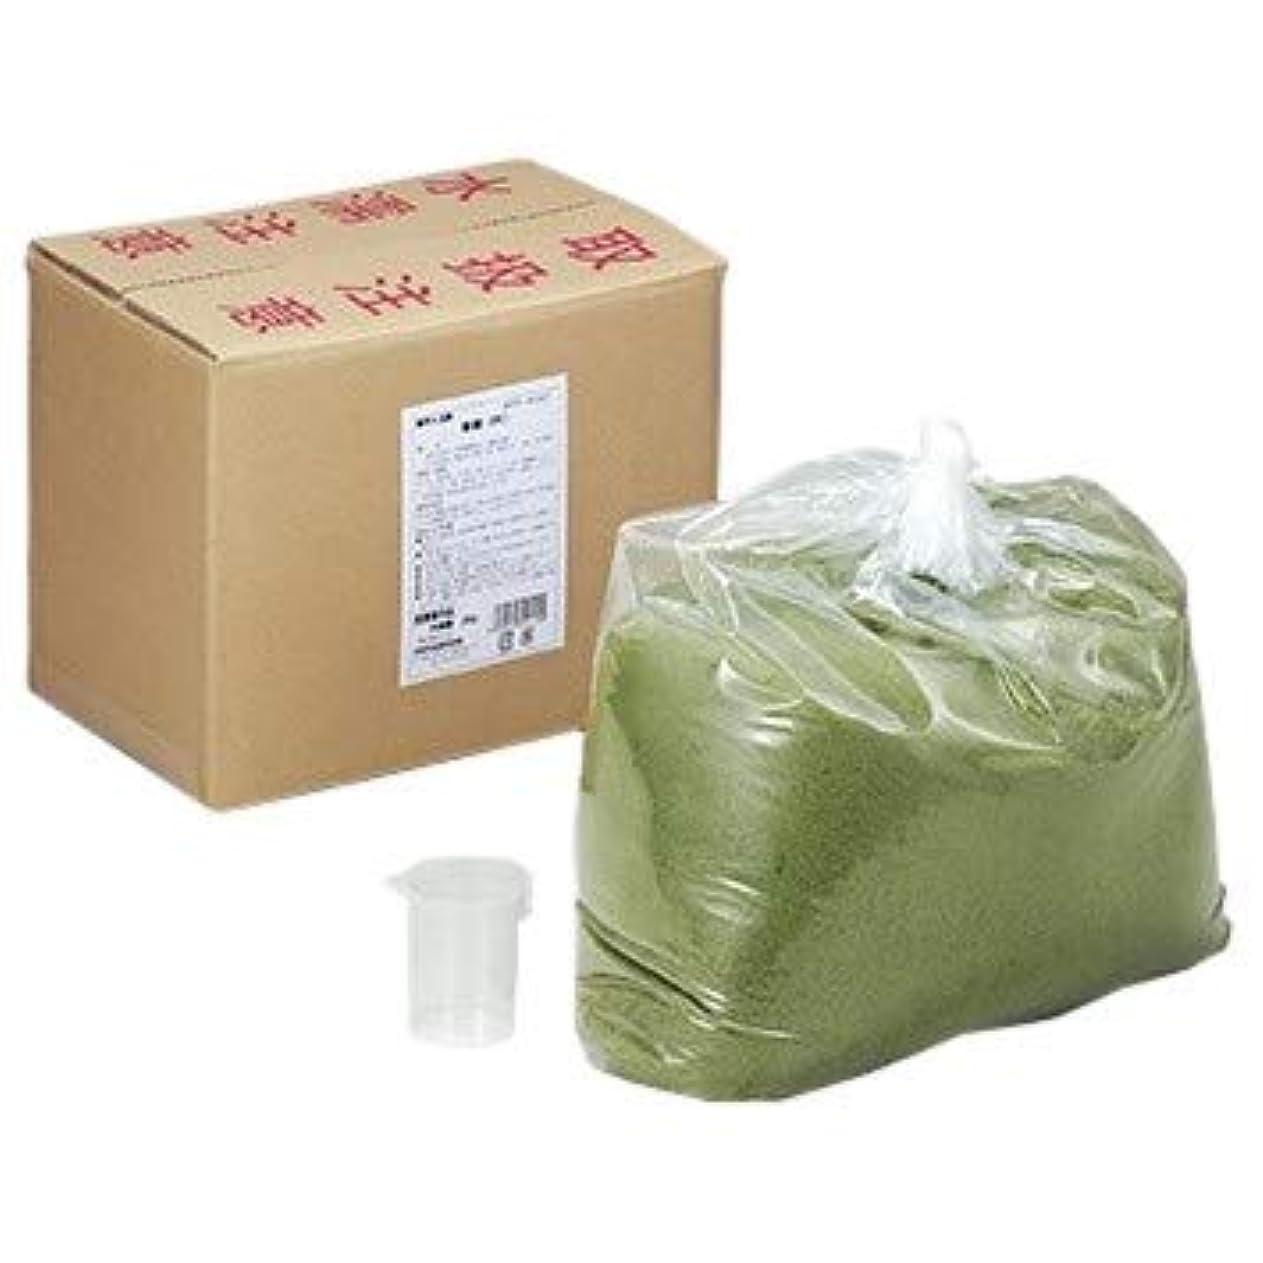 。計り知れない道を作る新緑 業務用 20kg 入浴剤 医薬部外品